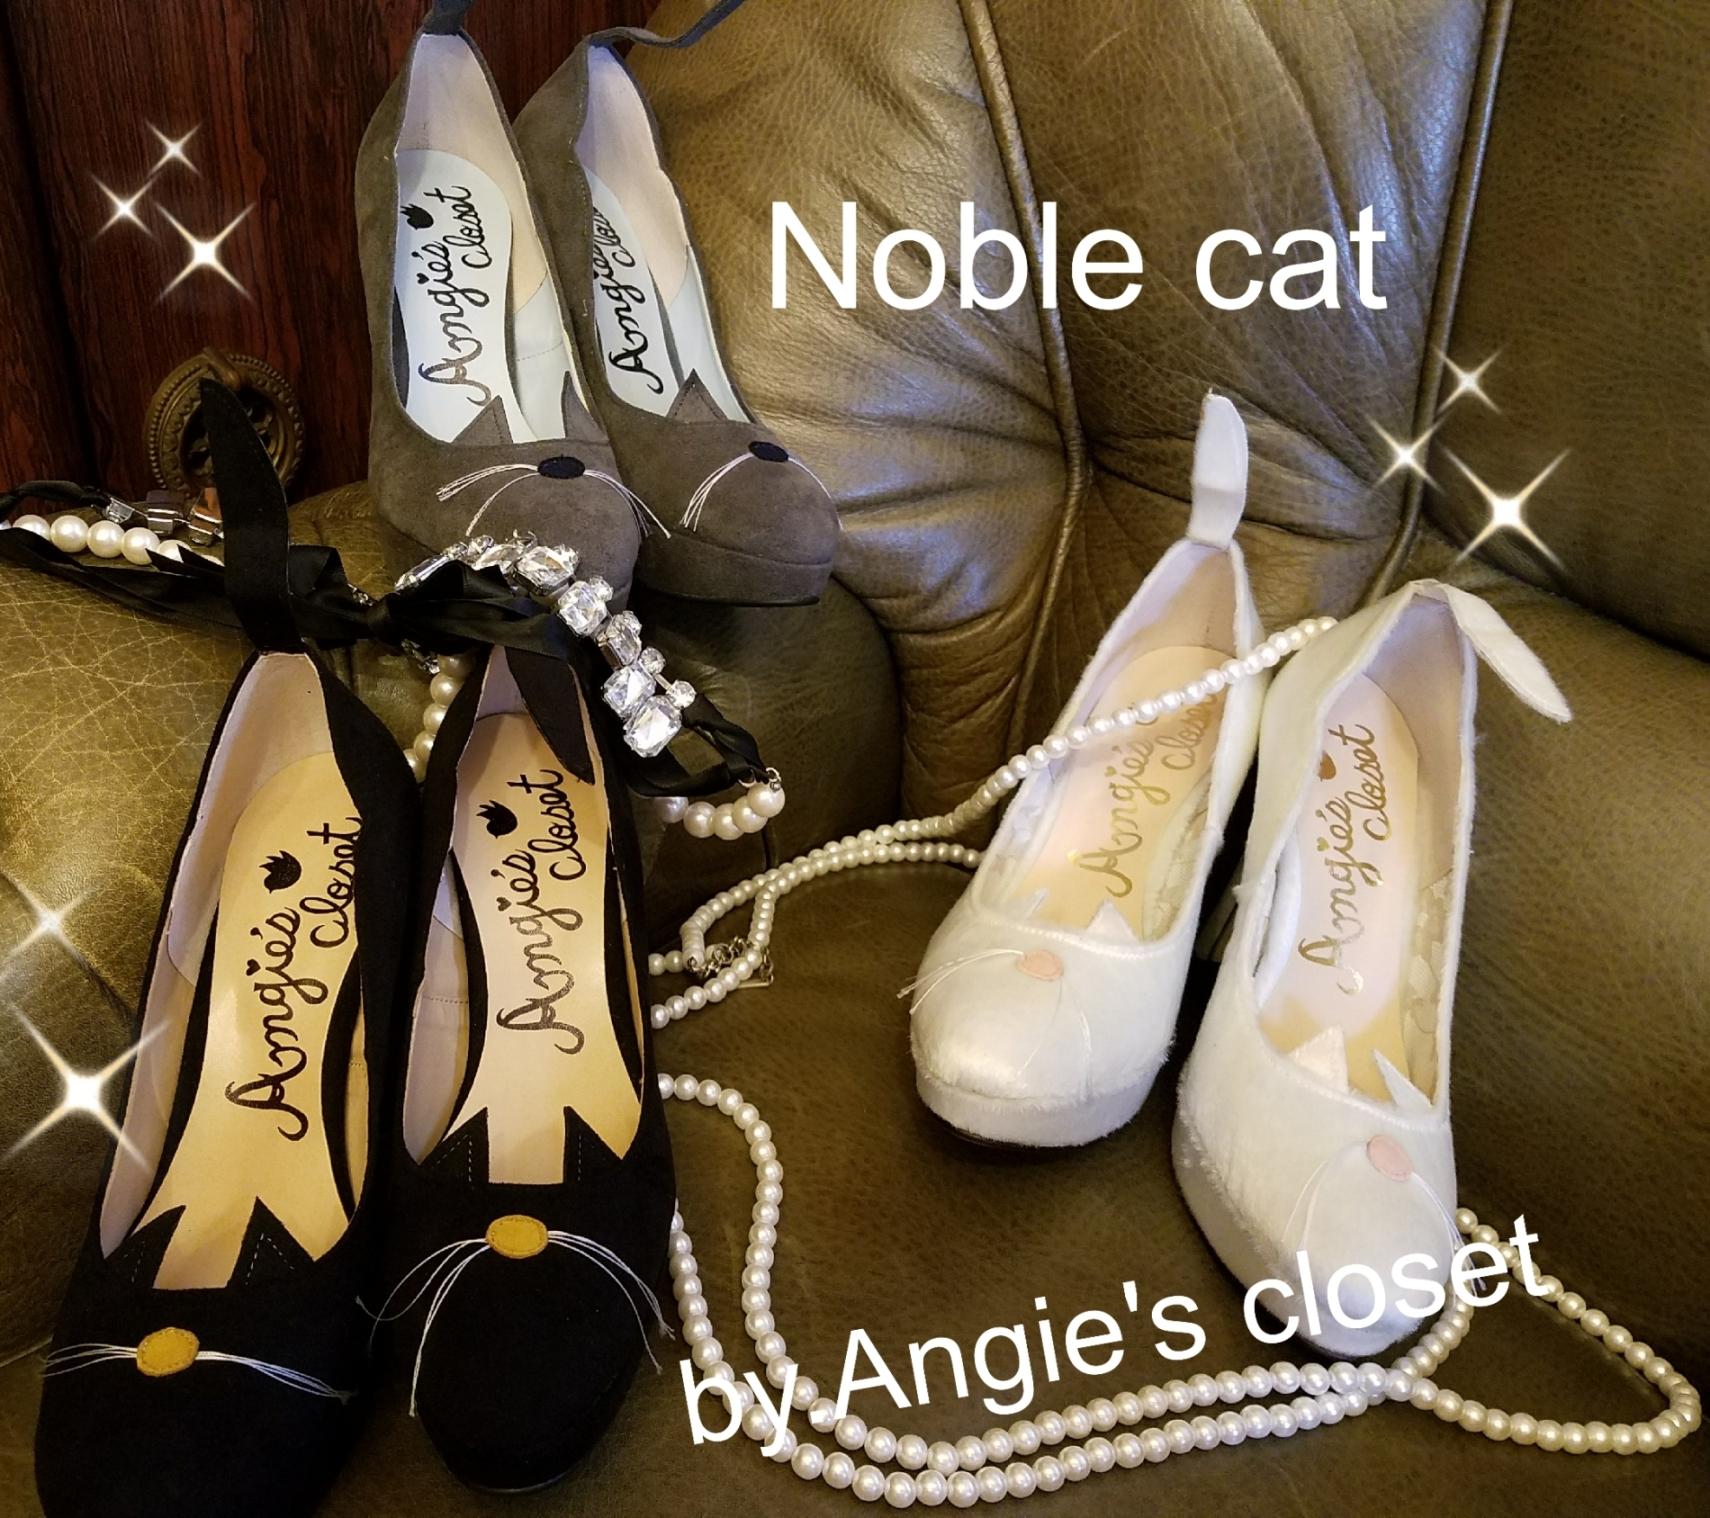 ネコちゃんパンプス【Noble cat】